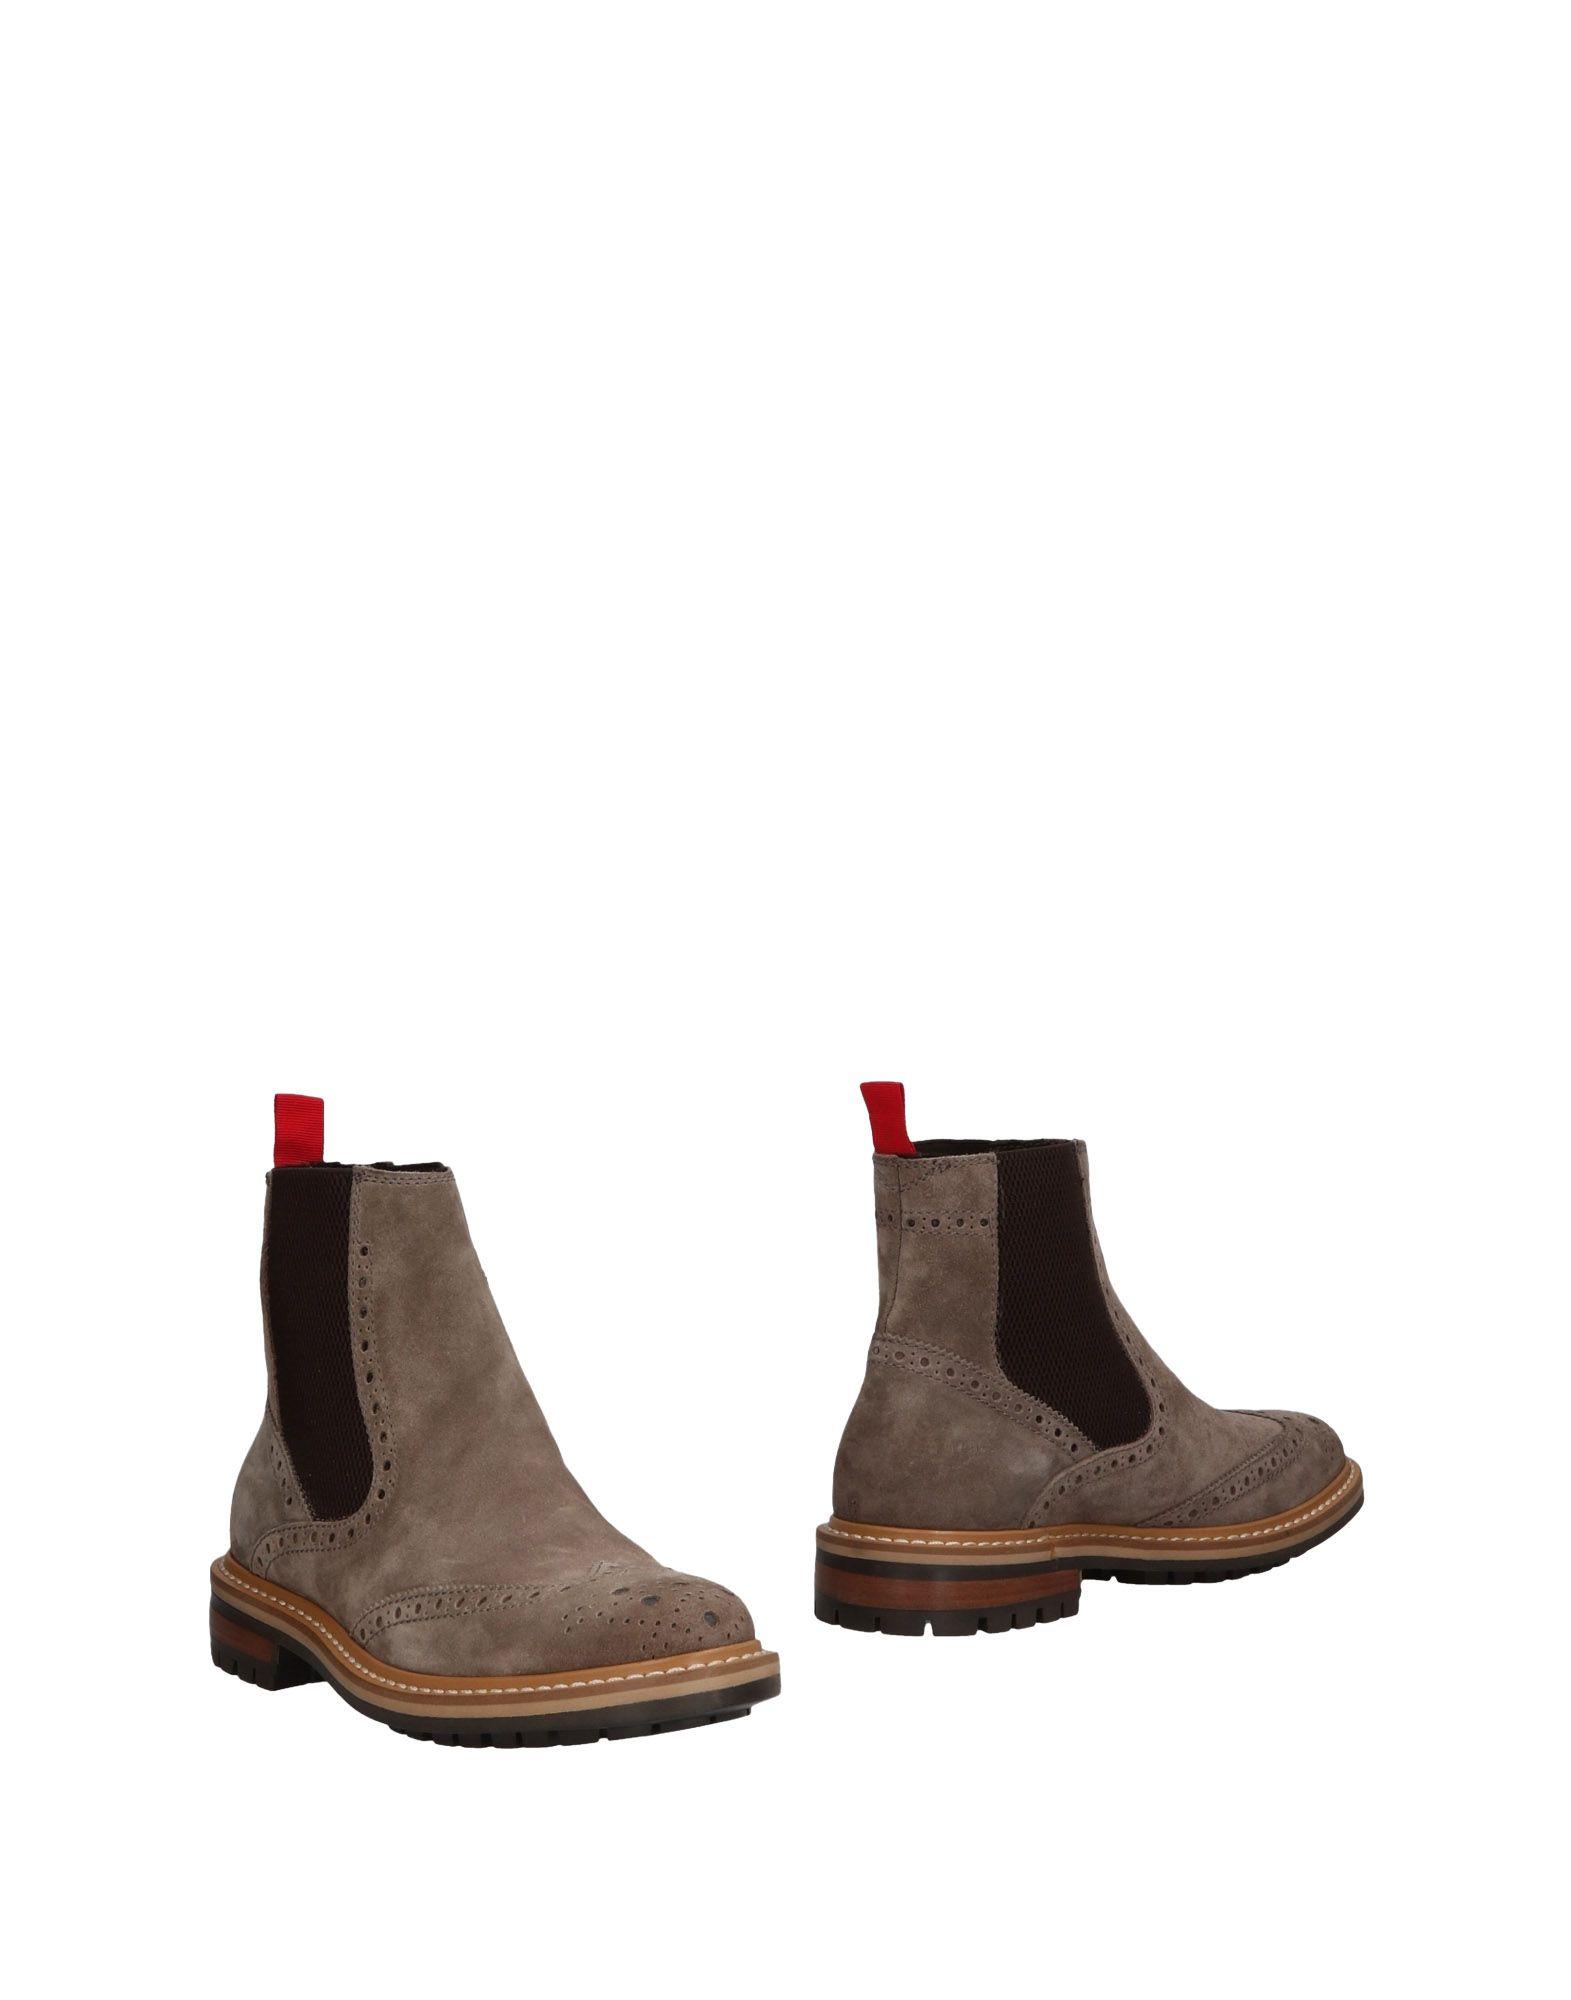 Haltbare Mode billige Schuhe Dama Stiefelette Herren  11463066AL Heiße Schuhe